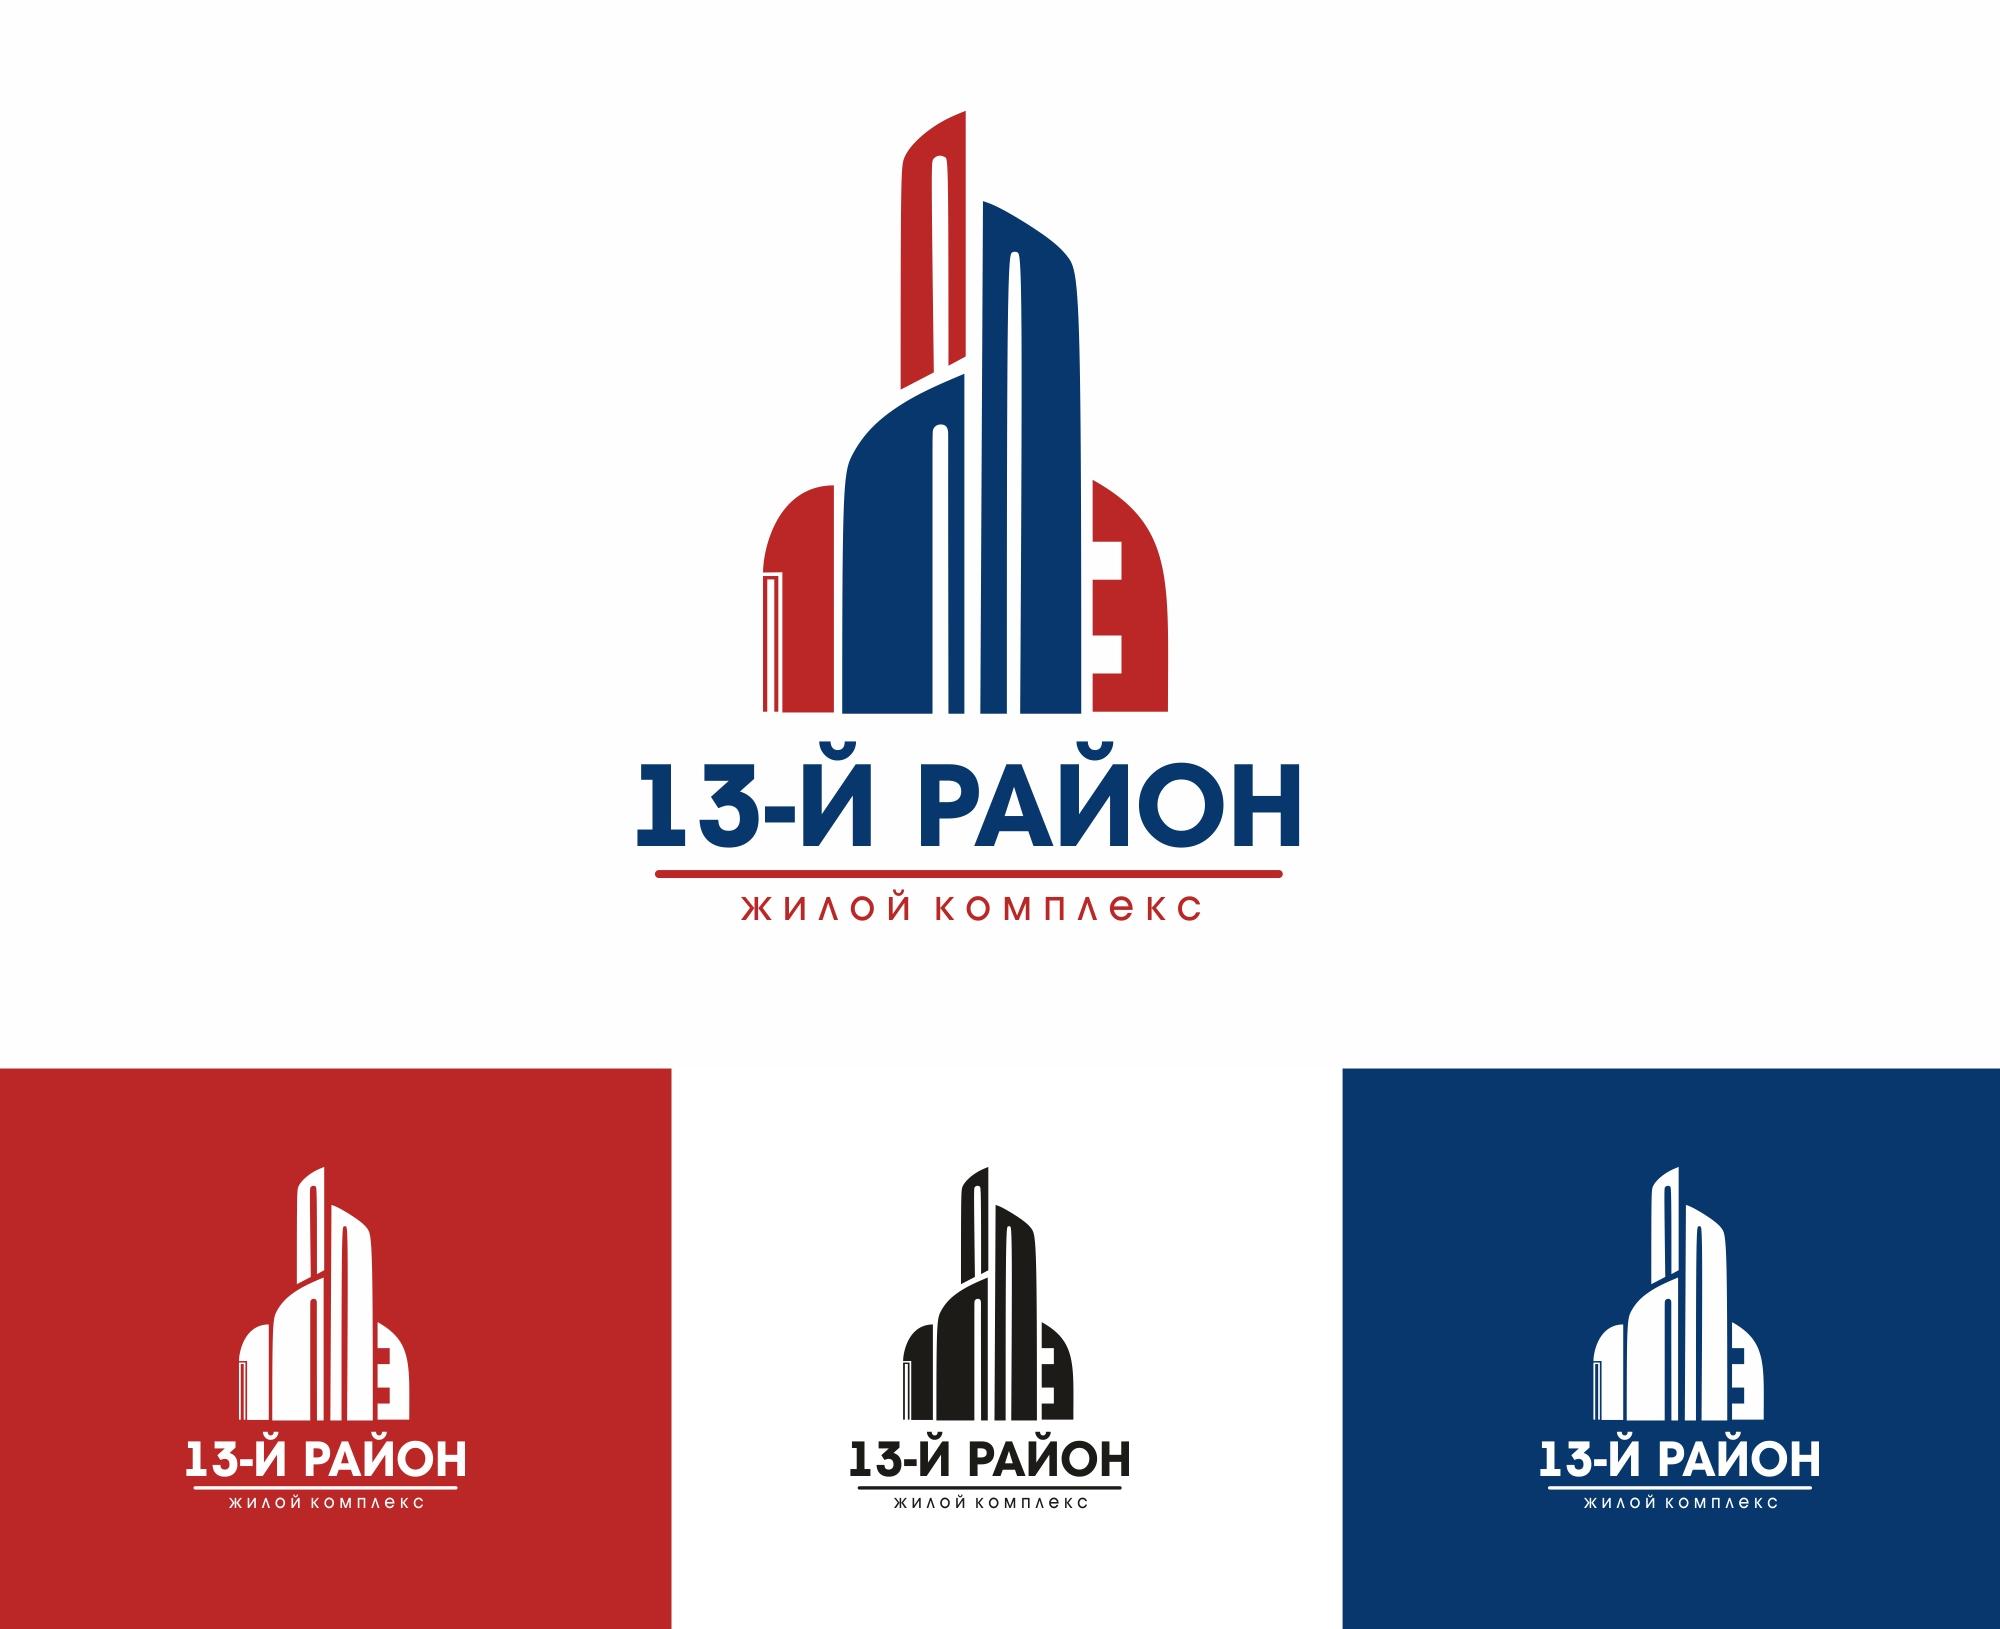 Разработка логотипа и фирменный стиль фото f_3875971d33b88f08.jpg